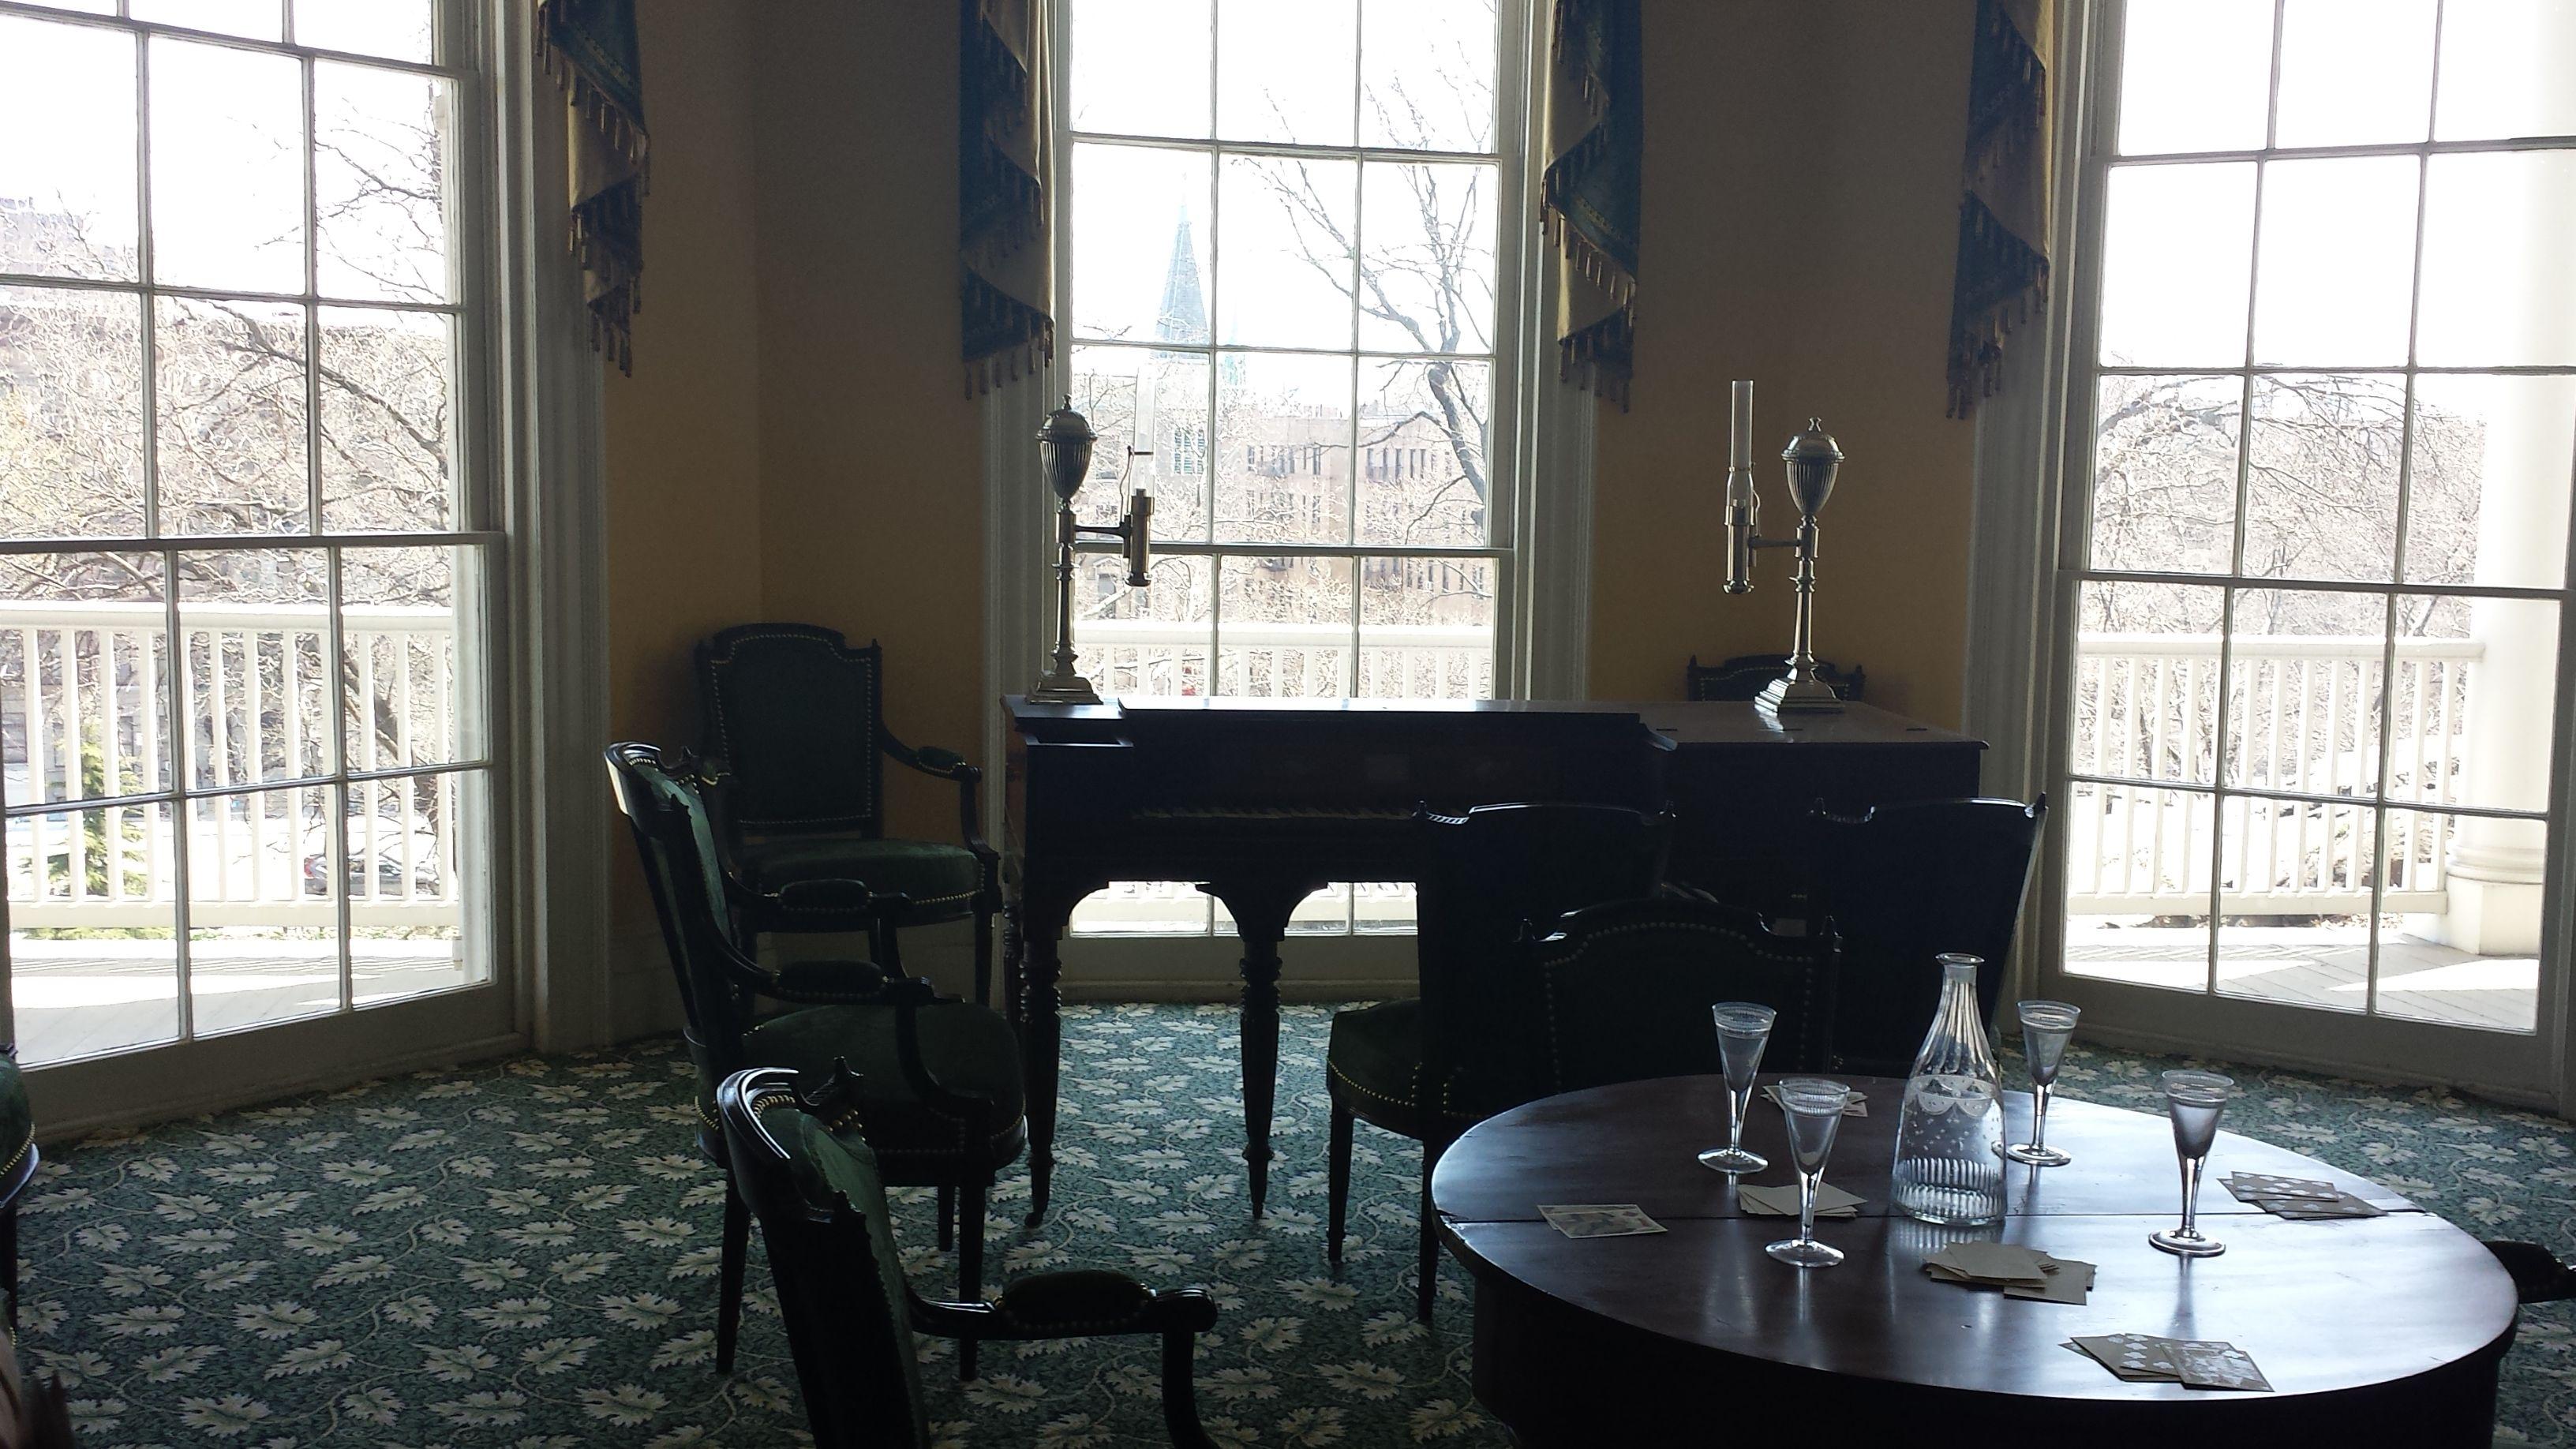 Exceptional Parlor, Hamilton Grange, NYC